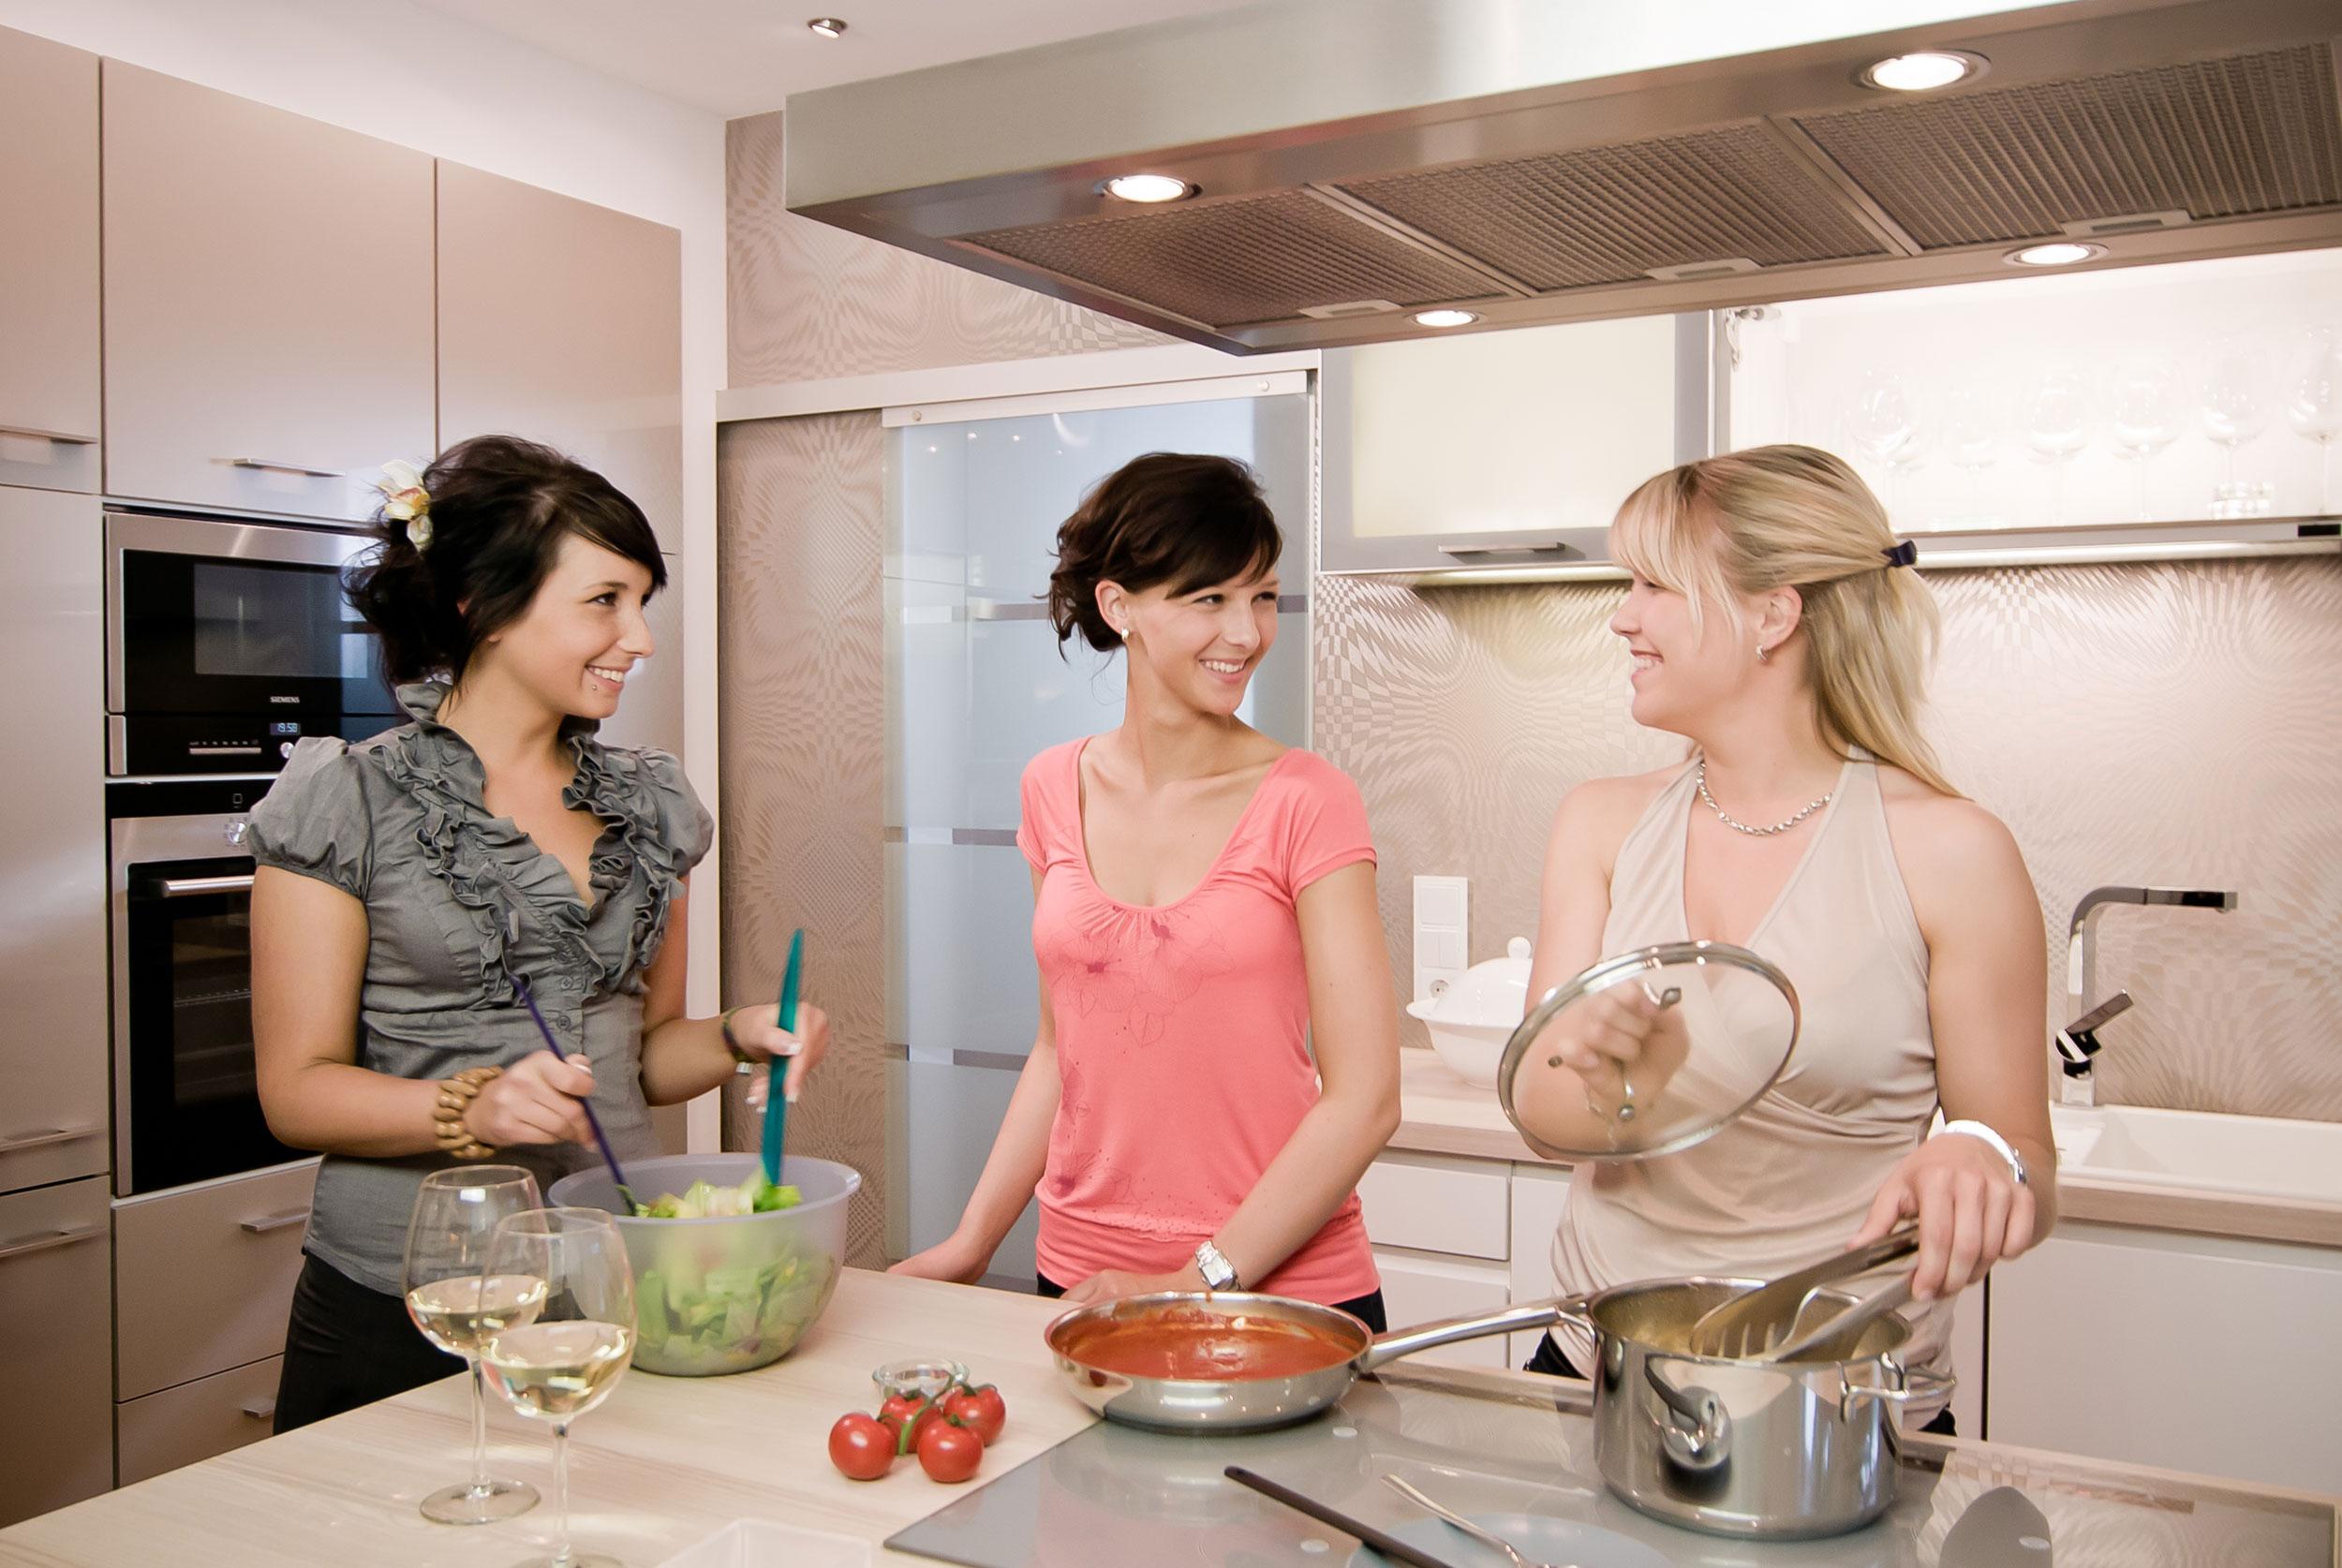 drei Frauen kochen in der Küche einer Wohnung der Wohnungsgenossenschaft 1. Mai in Zeitz